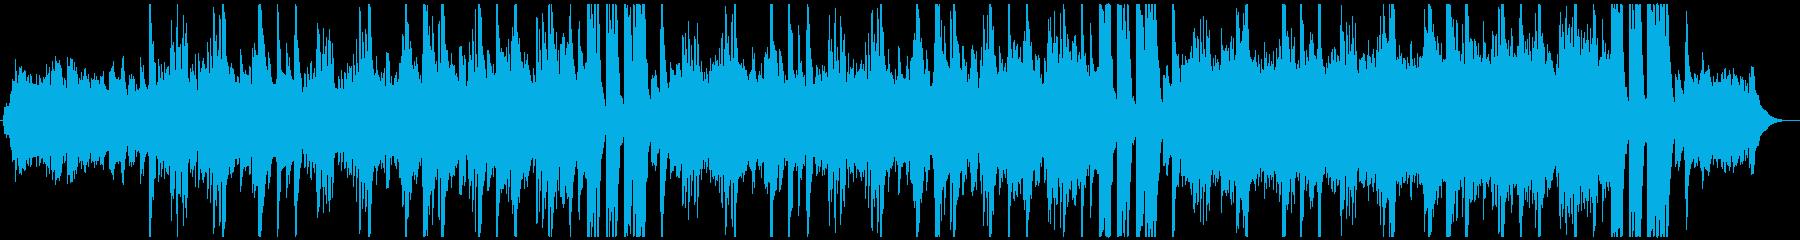 優しく可愛らしいクリスマスBGMの再生済みの波形